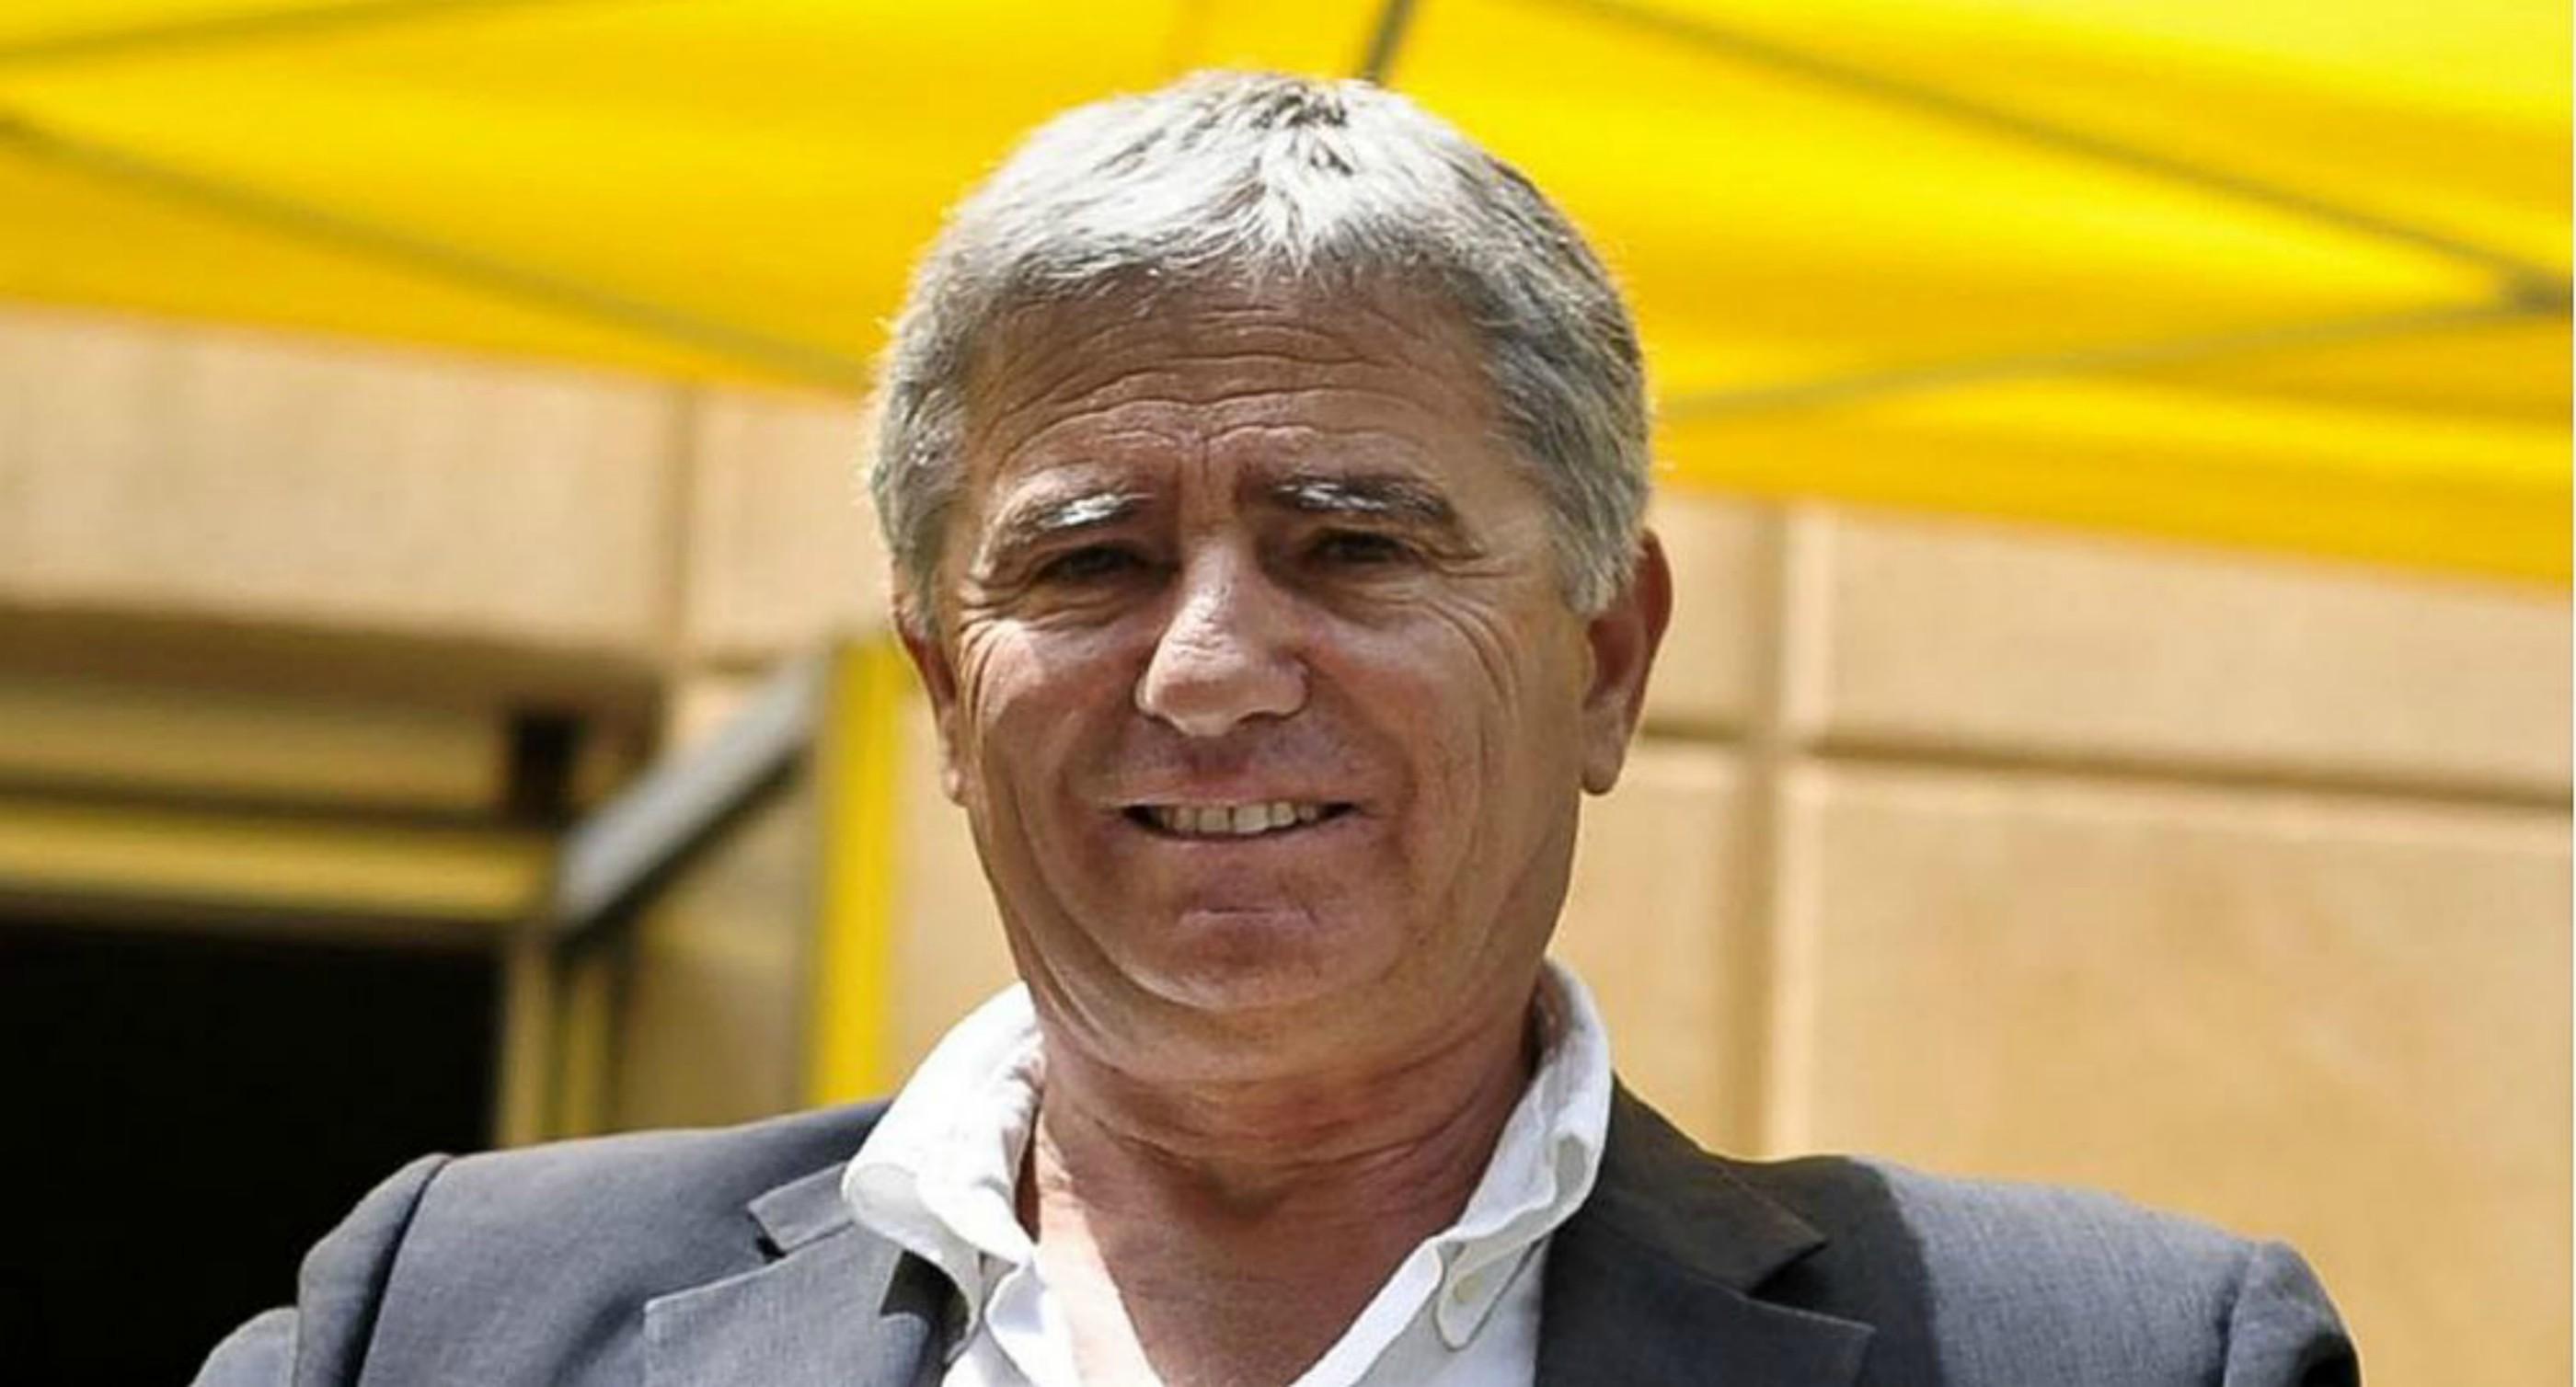 Amministratori sotto tiro: il Presidente della Camera cita il Rapporto di Avviso Pubblico, ricordando la figura di Angelo Vassallo